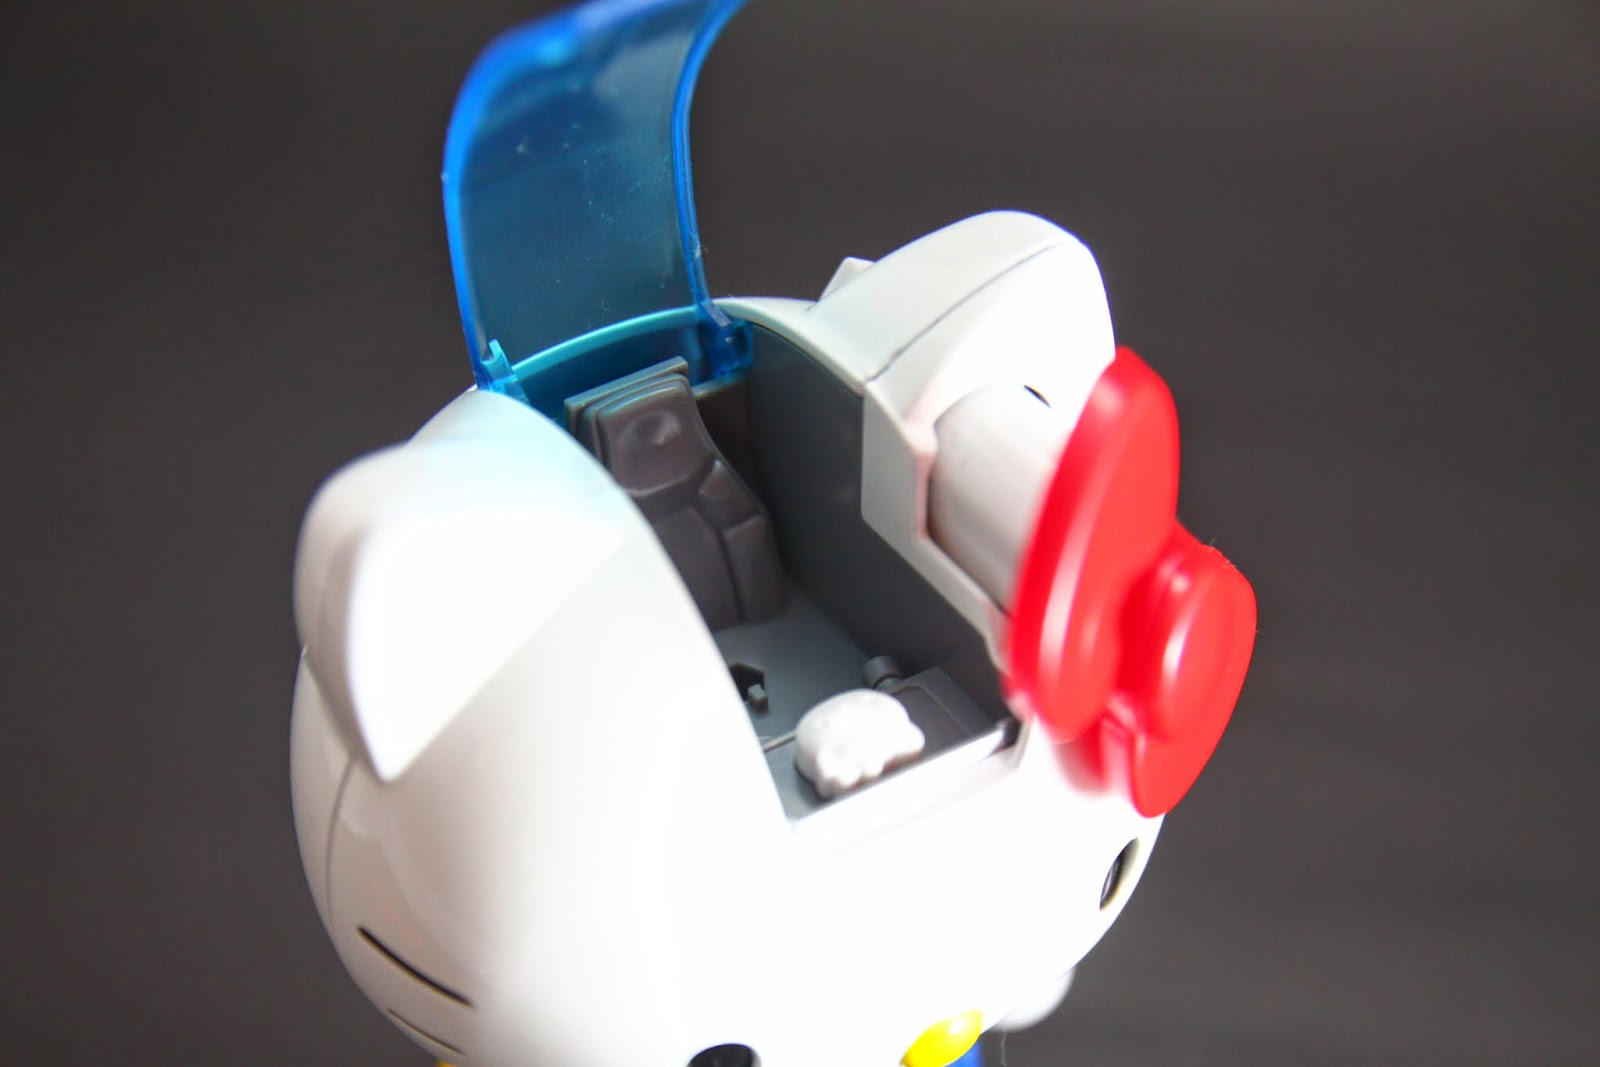 駕駛座可以把Hello Kitty本體放進去